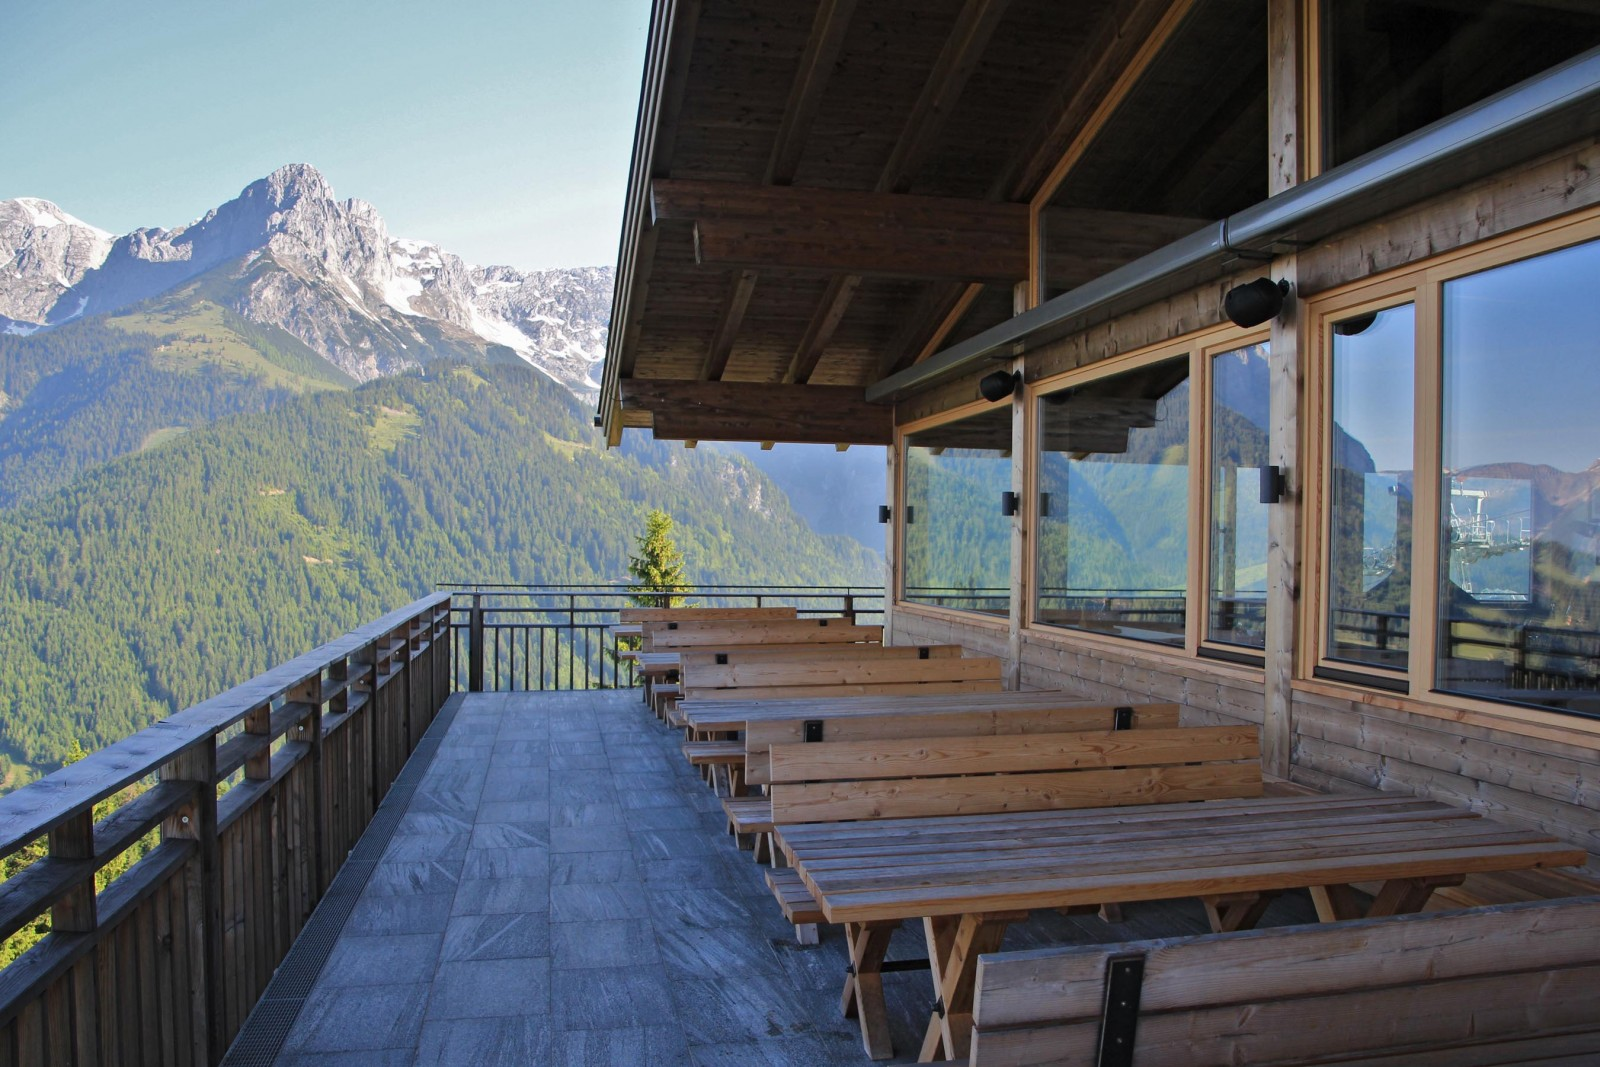 Ausblick Richtung Tennengebirge, Hochkönig und Hagengebirge